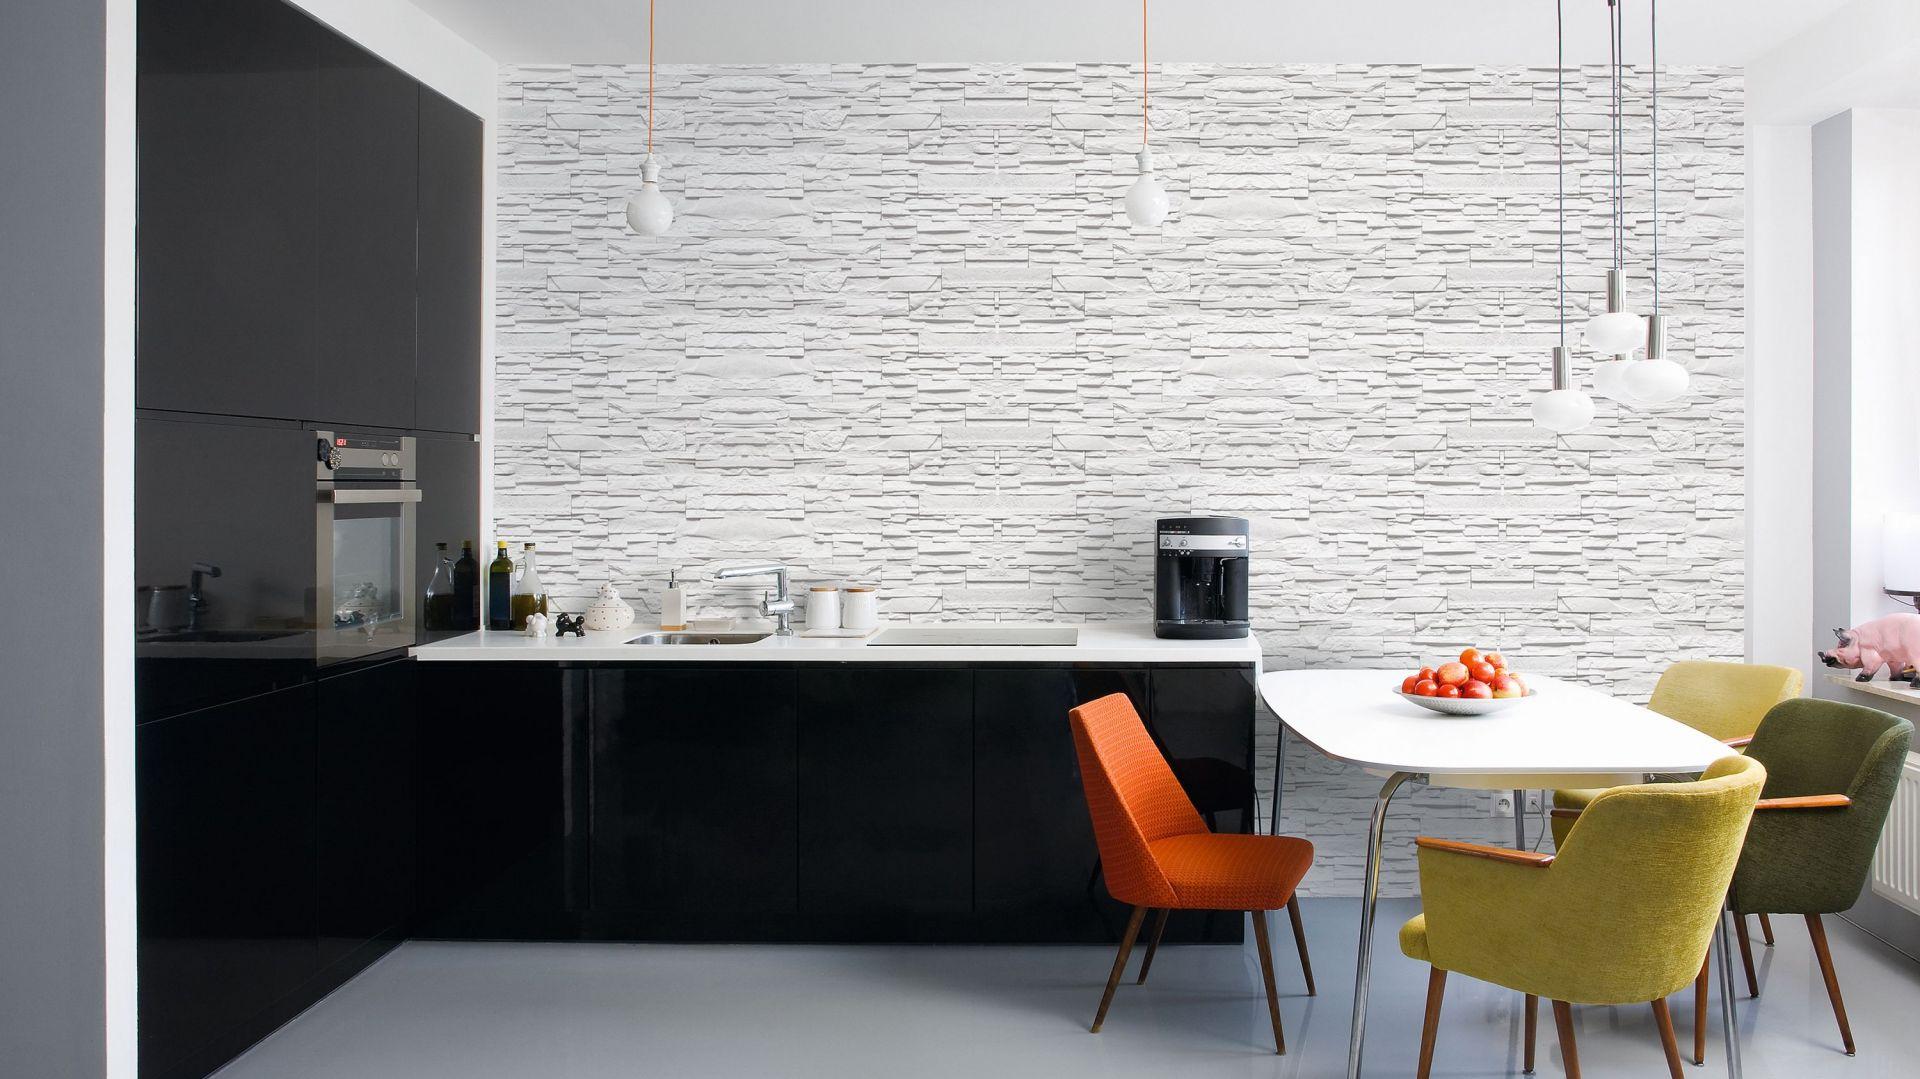 Wewnętrzny kamień dekoracyjny Livorno Biały wprowadzi do wnętrza toskański szyk. Nieregularny rysunek lica sam w sobie stanowi ozdobę, a niejednolity układ okładziny tworzy dynamiczną kompozycję. Stone Master